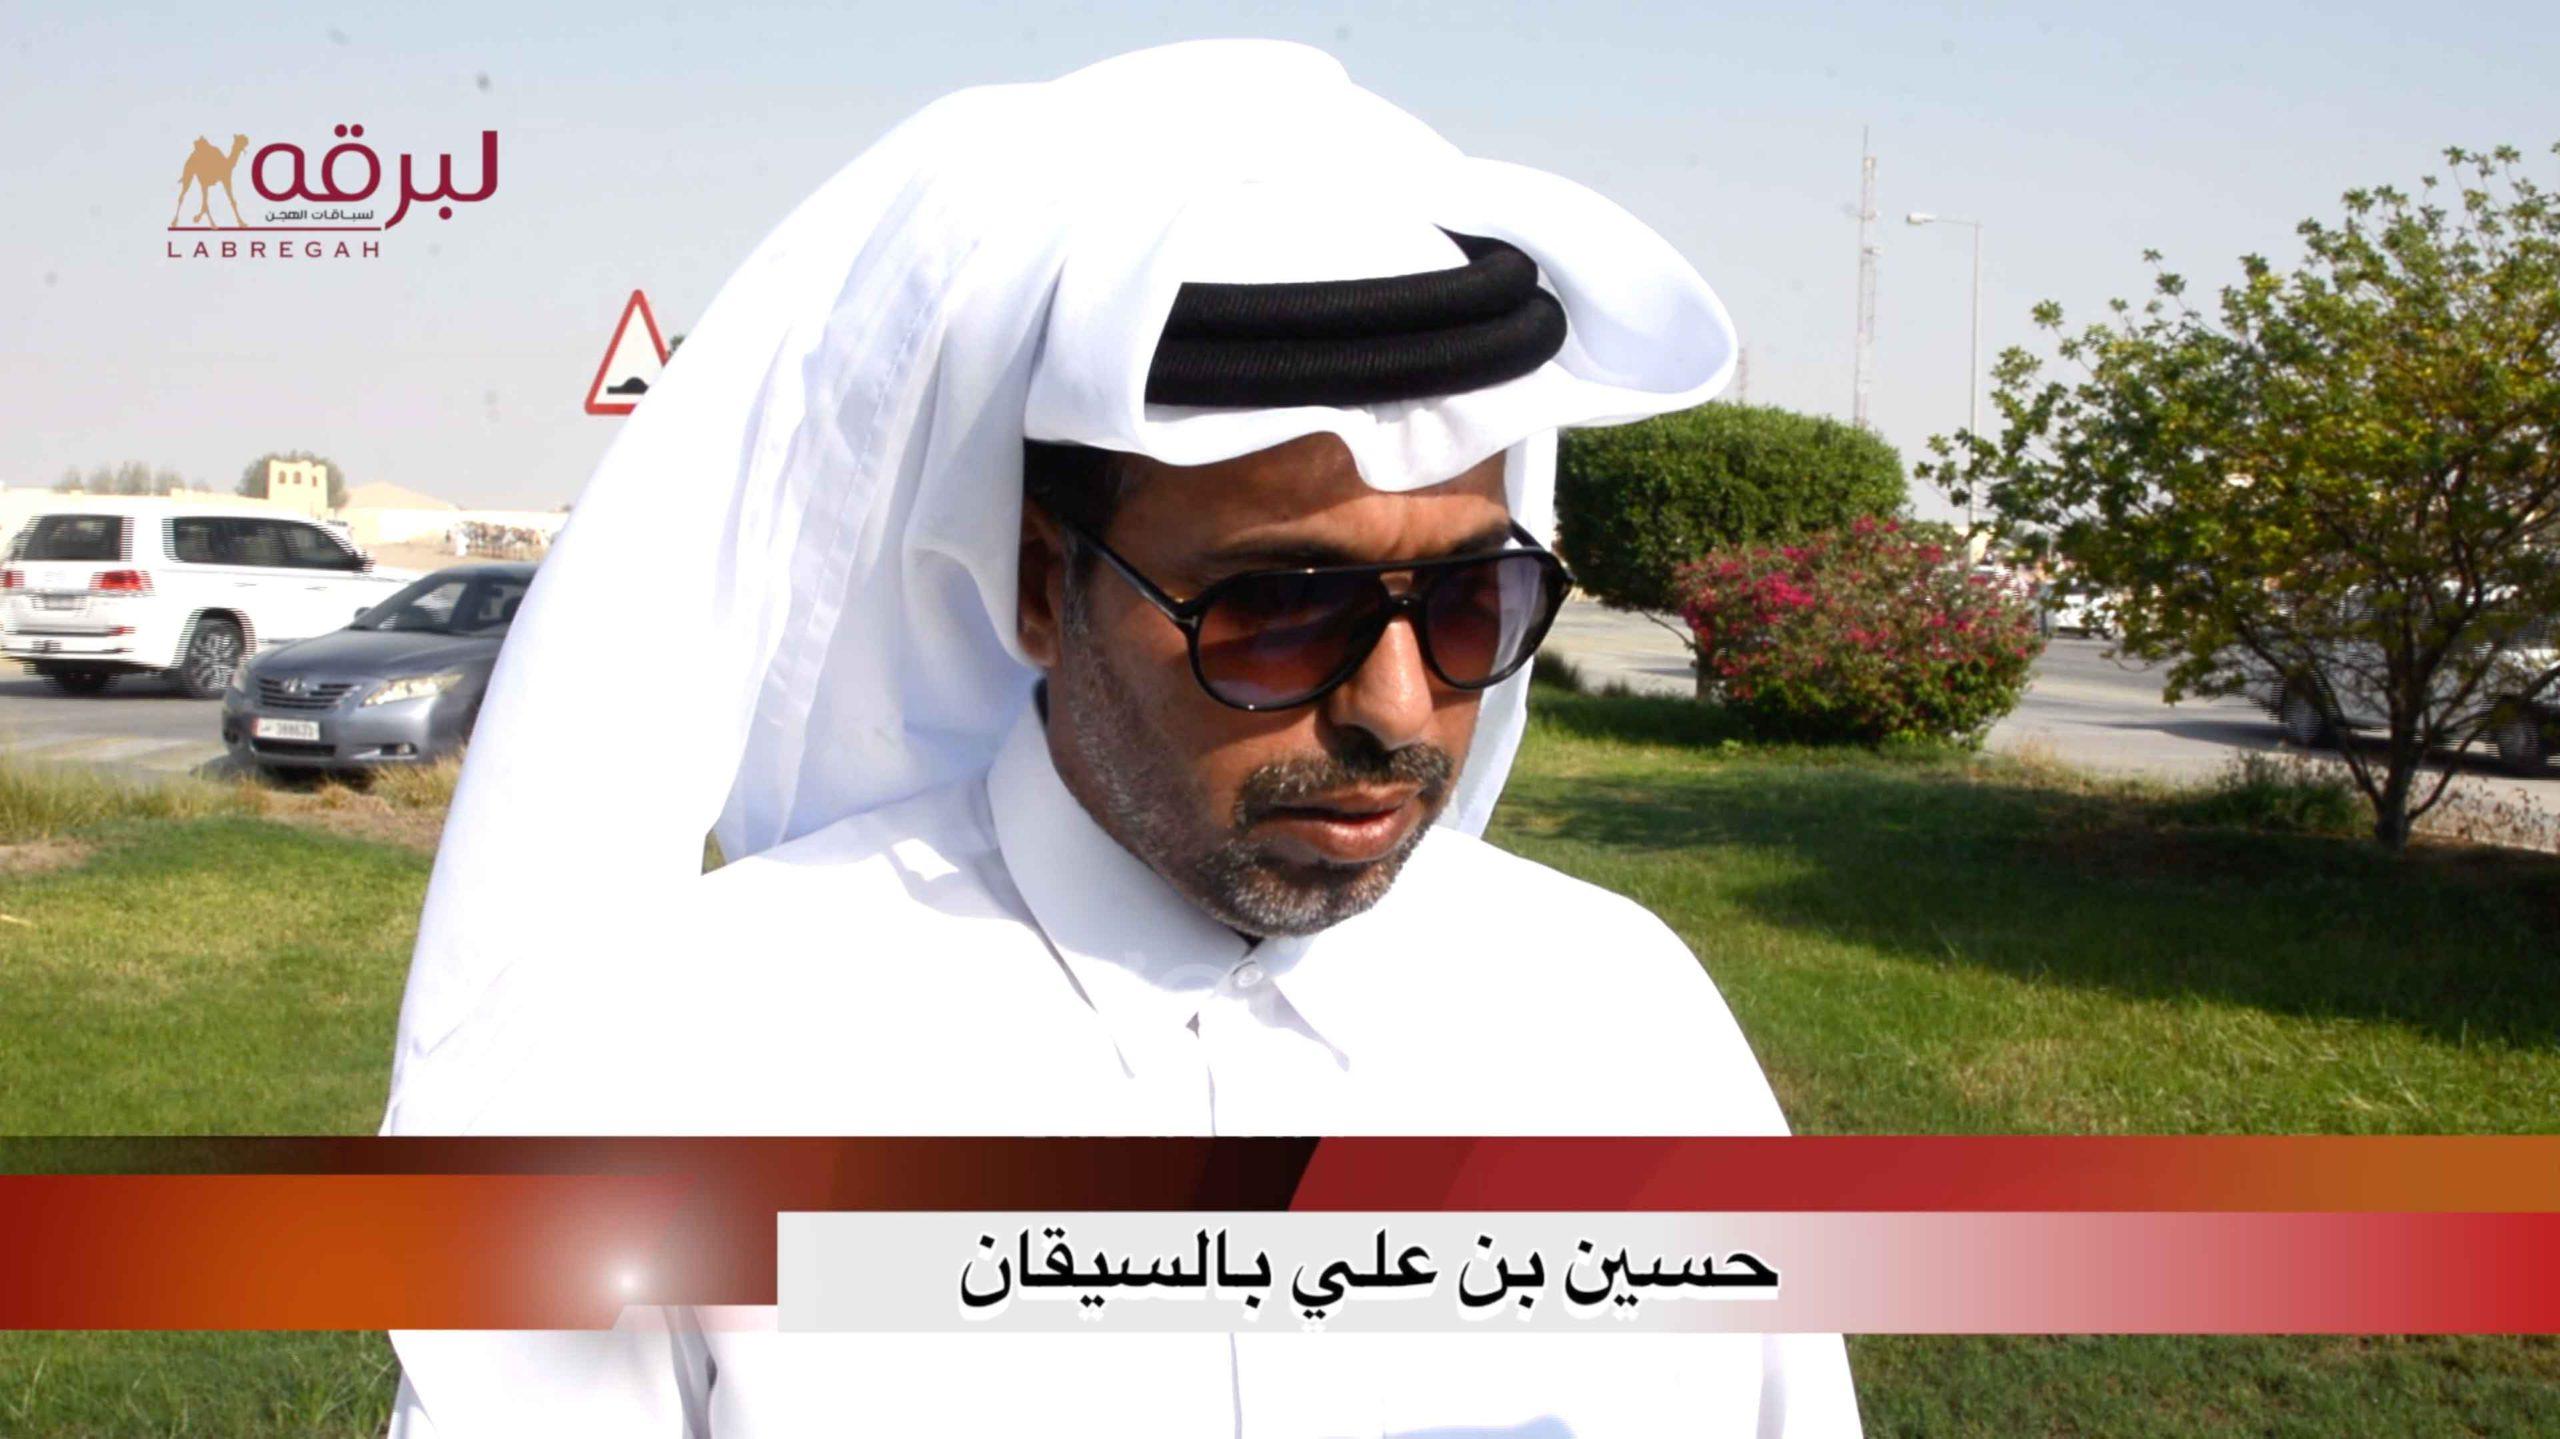 لقاء مع حسين بن علي بالسيقان.. الشوط الرئيسي للقايا بكار إنتاج الأشواط العامة ٢١-٩-٢٠٢٠